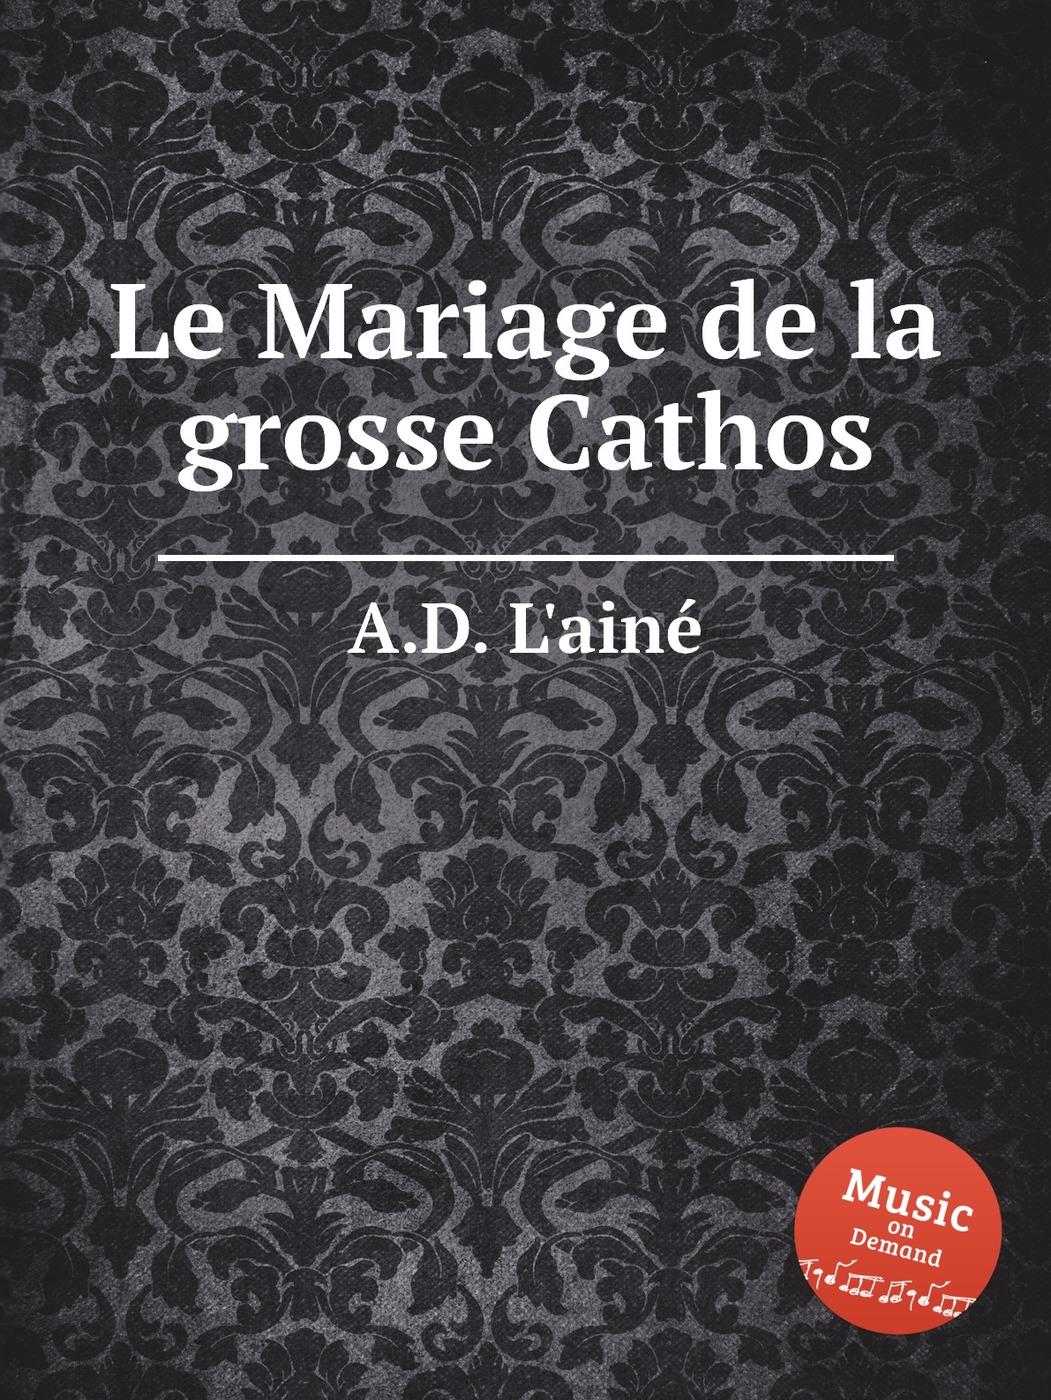 Le Mariage de la grosse Cathos